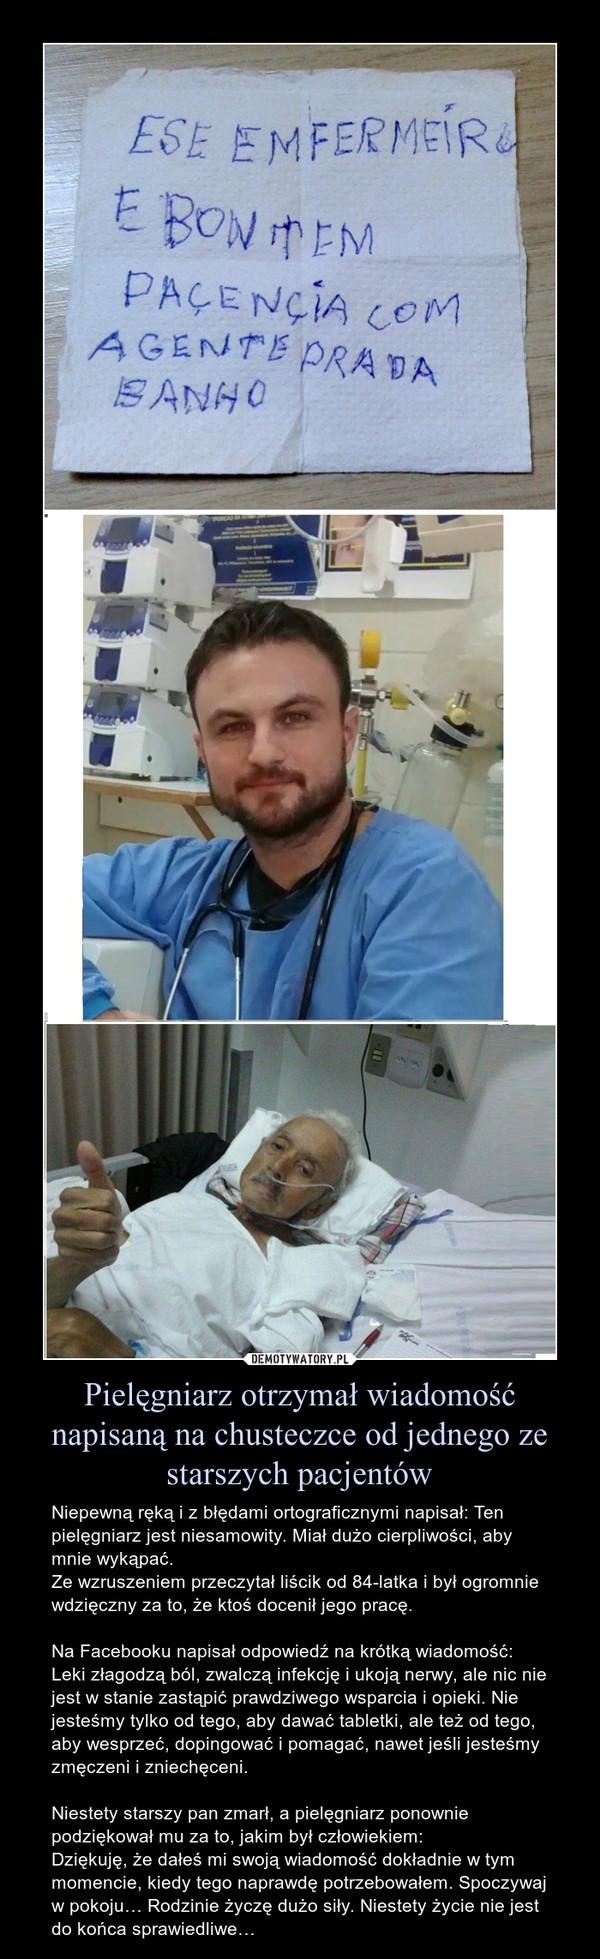 Pielęgniarz otrzymał wiadomość napisaną na chusteczce od jednego ze starszych pacjentów – Niepewną ręką i z błędami ortograficznymi napisał: Ten pielęgniarz jest niesamowity. Miał dużo cierpliwości, aby mnie wykąpać.Ze wzruszeniem przeczytał liścik od 84-latka i był ogromnie wdzięczny za to, że ktoś docenił jego pracę.Na Facebooku napisał odpowiedź na krótką wiadomość:Leki złagodzą ból, zwalczą infekcję i ukoją nerwy, ale nic nie jest w stanie zastąpić prawdziwego wsparcia i opieki. Nie jesteśmy tylko od tego, aby dawać tabletki, ale też od tego, aby wesprzeć, dopingować i pomagać, nawet jeśli jesteśmy zmęczeni i zniechęceni.Niestety starszy pan zmarł, a pielęgniarz ponownie podziękował mu za to, jakim był człowiekiem:Dziękuję, że dałeś mi swoją wiadomość dokładnie w tym momencie, kiedy tego naprawdę potrzebowałem. Spoczywaj w pokoju… Rodzinie życzę dużo siły. Niestety życie nie jest do końca sprawiedliwe… Niepewną ręką i z błędami ortograficznymi napisał: Ten pielęgniarz jest niesamowity. Miał dużo cierpliwości, aby mnie wykąpać.Ze wzruszeniem przeczytał liścik od 84-latka i był ogromnie wdzięczny za to, że ktoś docenił jego pracę.Na Facebooku napisał odpowiedź na krótką wiadomość:Leki złagodzą ból, zwalczą infekcję i ukoją nerwy, ale nic nie jest w stanie zastąpić prawdziwego wsparcia i opieki. Nie jesteśmy tylko od tego, aby dawać tabletki, ale też od tego, aby wesprzeć, dopingować i pomagać, nawet jeśli jesteśmy zmęczeni i zniechęceni.Niestety starszy pan zmarł, a pielęgniarz ponownie podziękował mu za to, jakim był człowiekiem:Dziękuję, że dałeś mi swoją wiadomość dokładnie w tym momencie, kiedy tego naprawdę potrzebowałem. Spoczywaj w pokoju… Rodzinie życzę dużo siły. Niestety życie nie jest do końca sprawiedliwe…